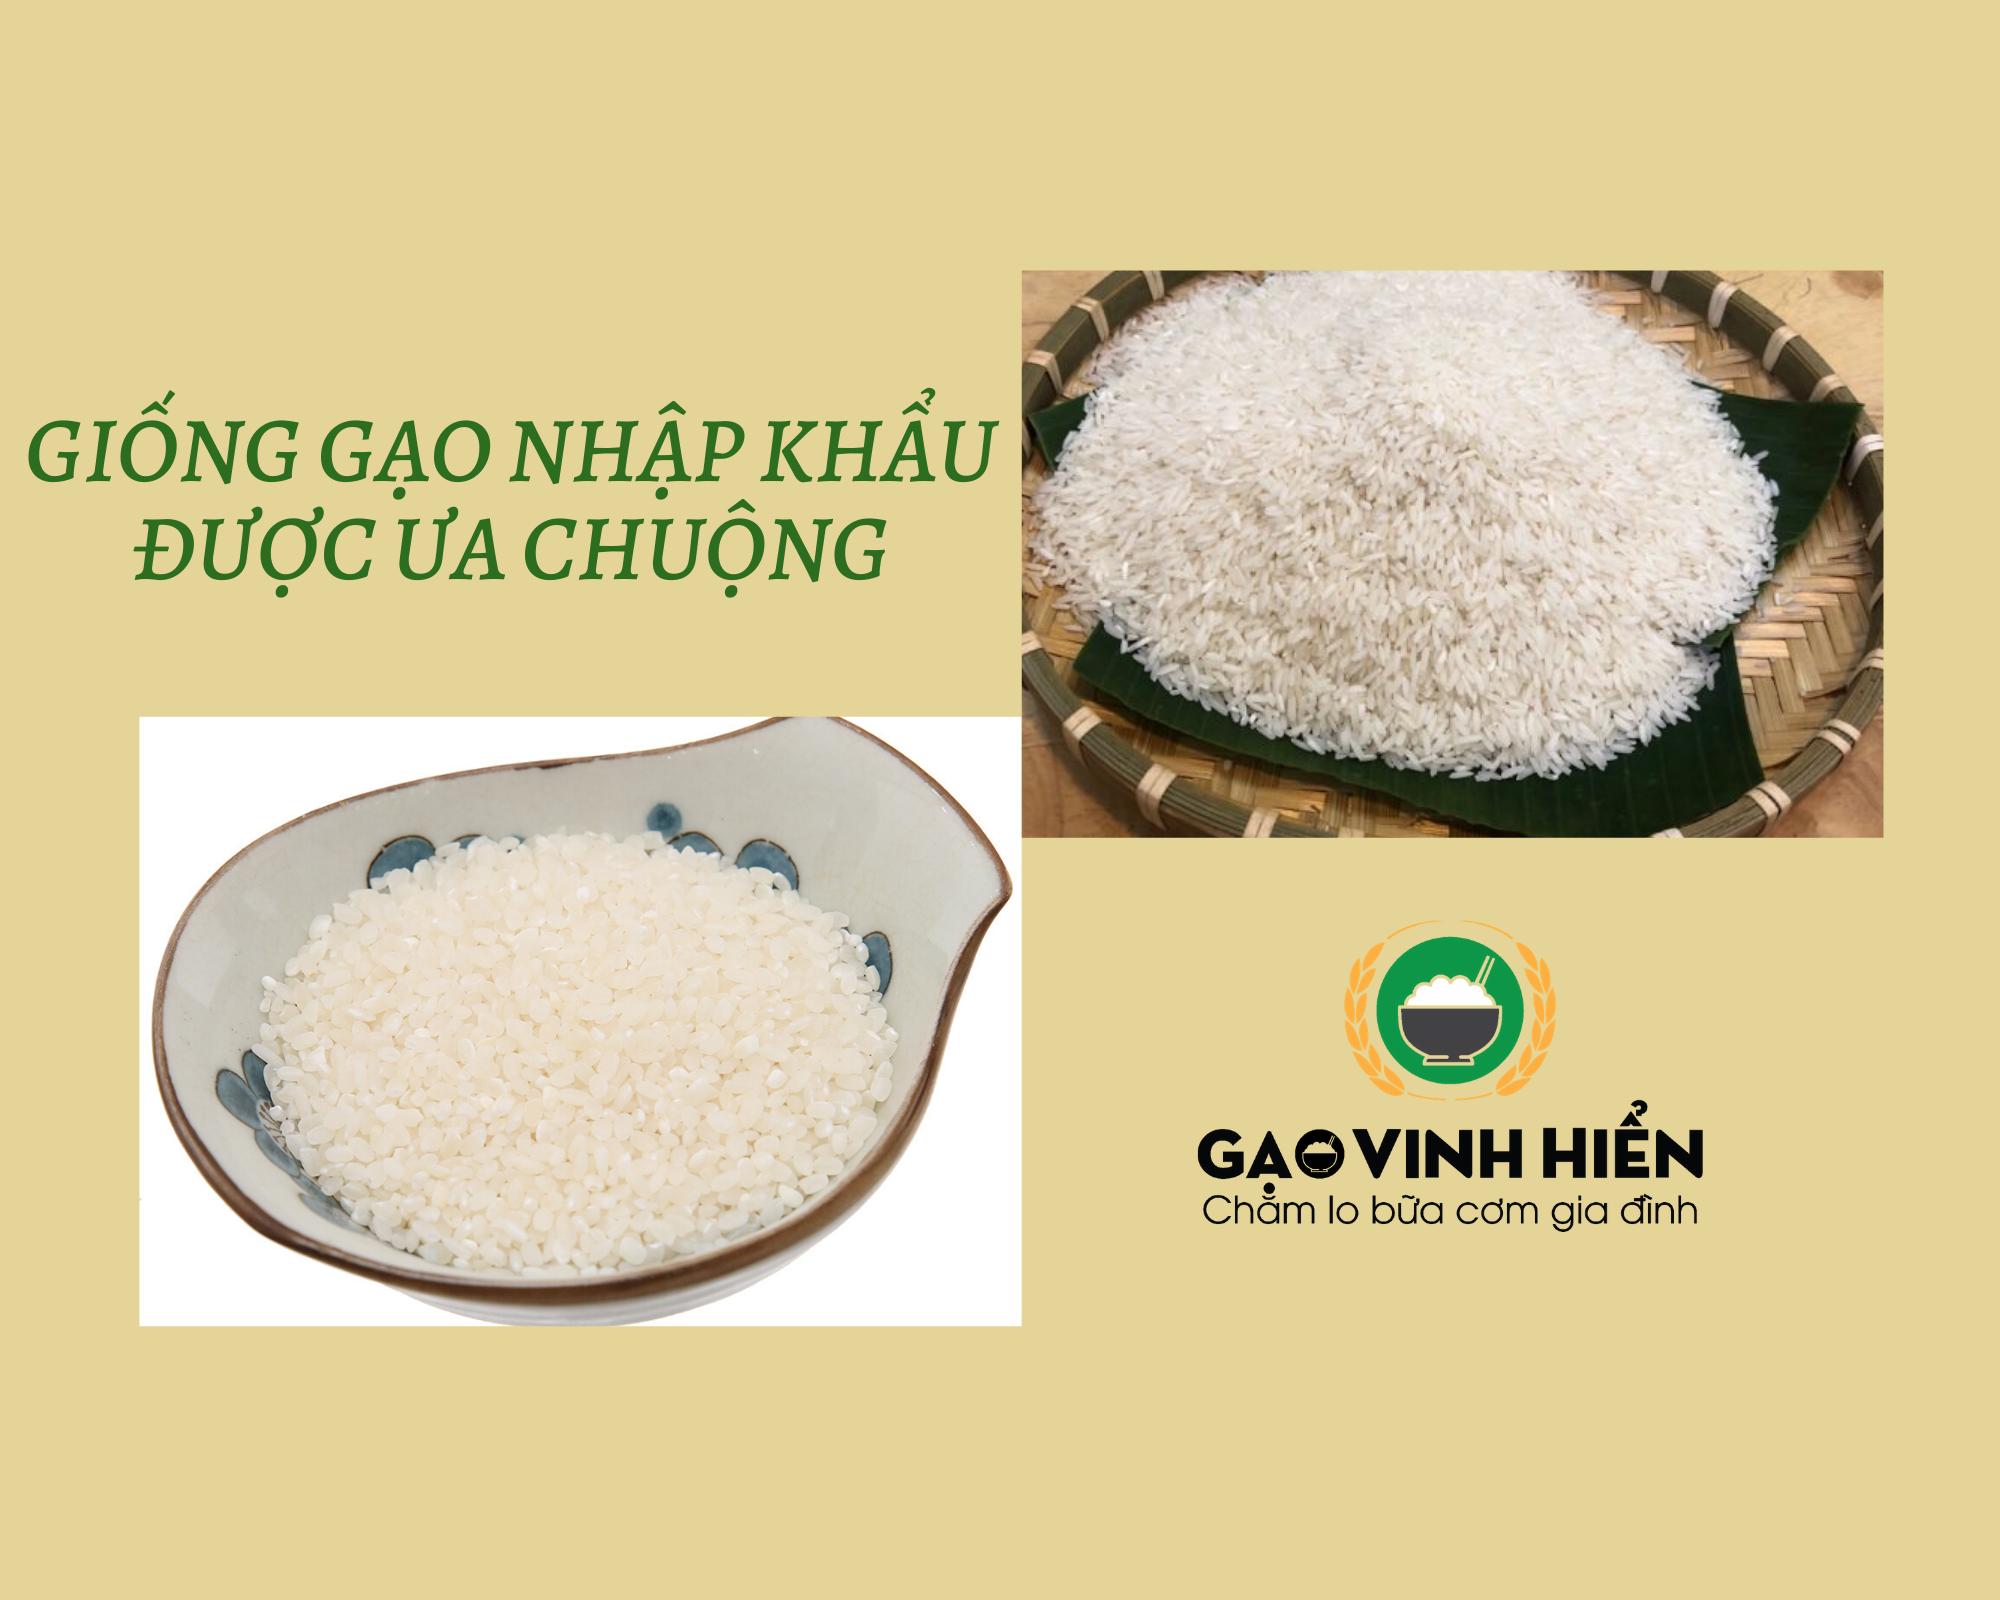 Đâu là loại gạo nhập khẩu được người Việt yêu thích nhất?